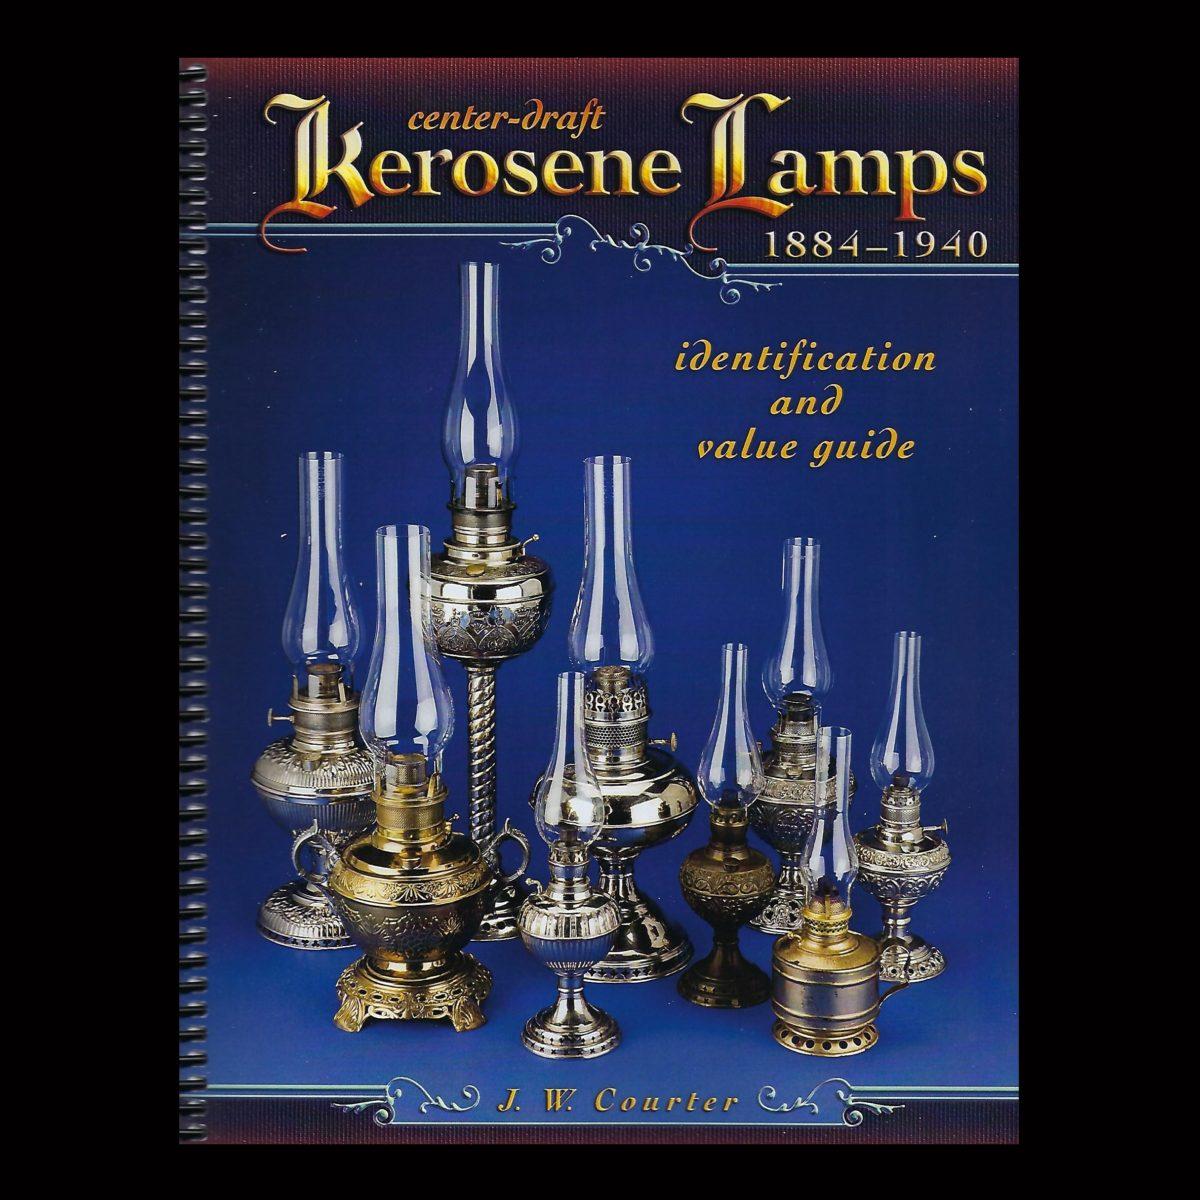 Center Draft Kerosene Lamps 1884 1940 By J W Courter